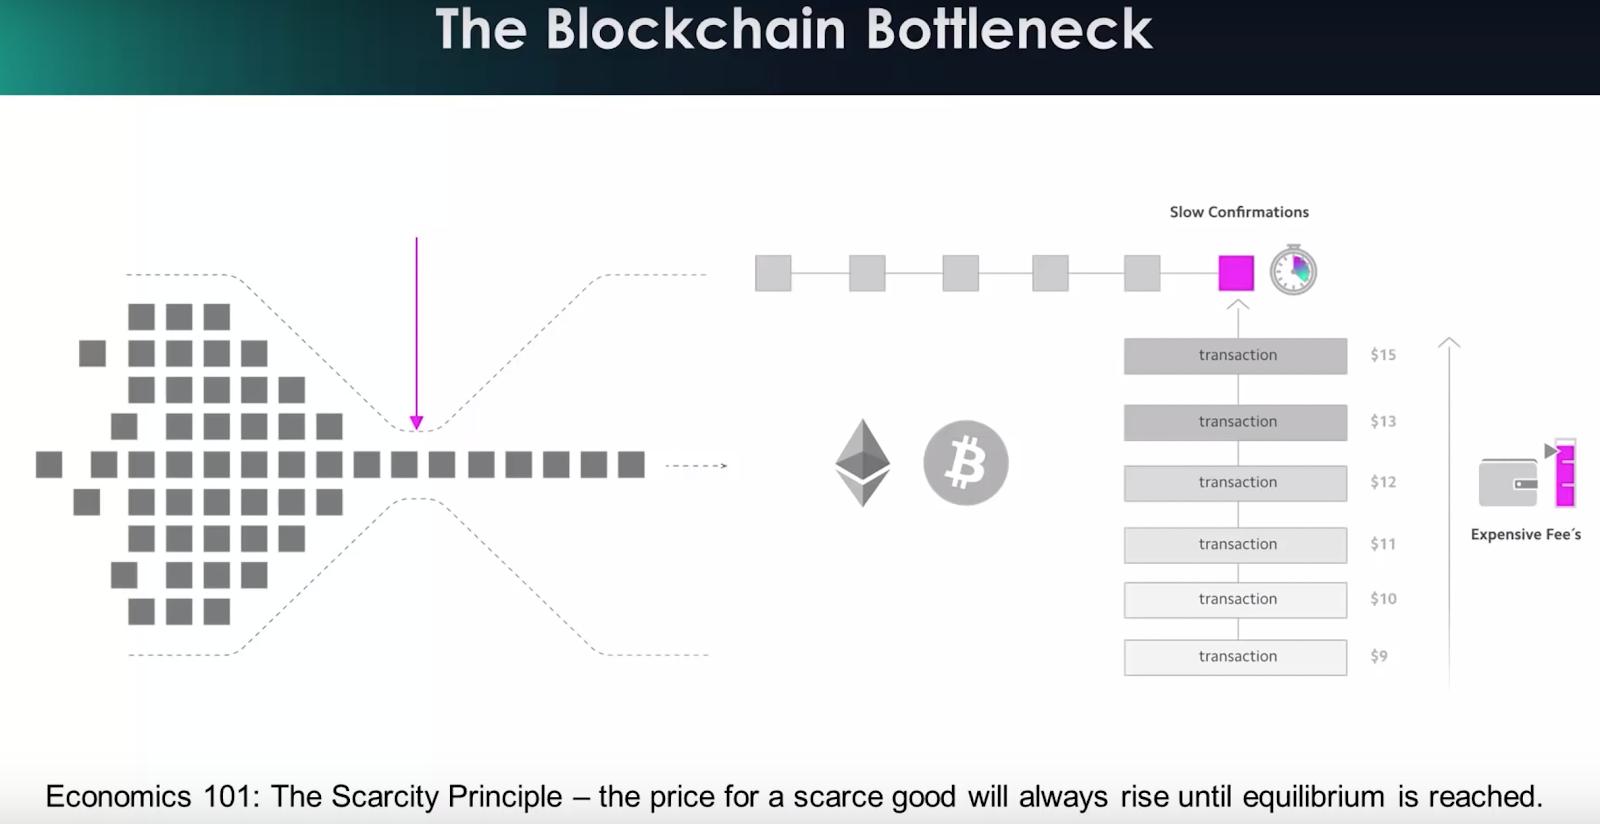 The Blockchain Bottleneck.